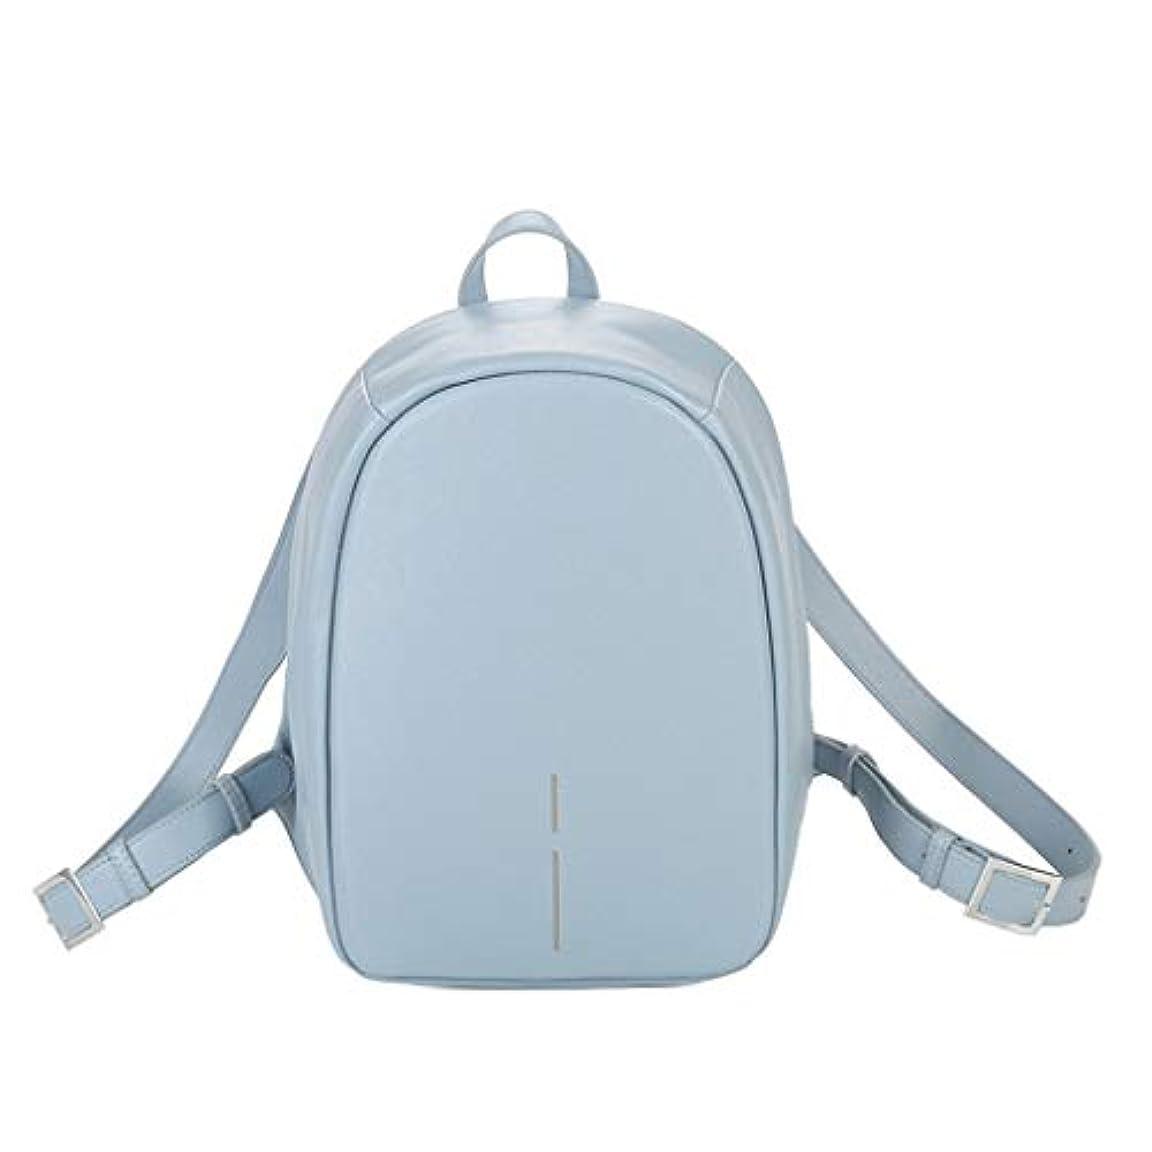 陸軍本部影響する女性のためのコンピュータバックパックシンプルなレザーバックパック気質多機能旅行小さなバックパック多機能ブックバッグ用十代の若者たち女の子ジュニアミドルカレッジバッグ